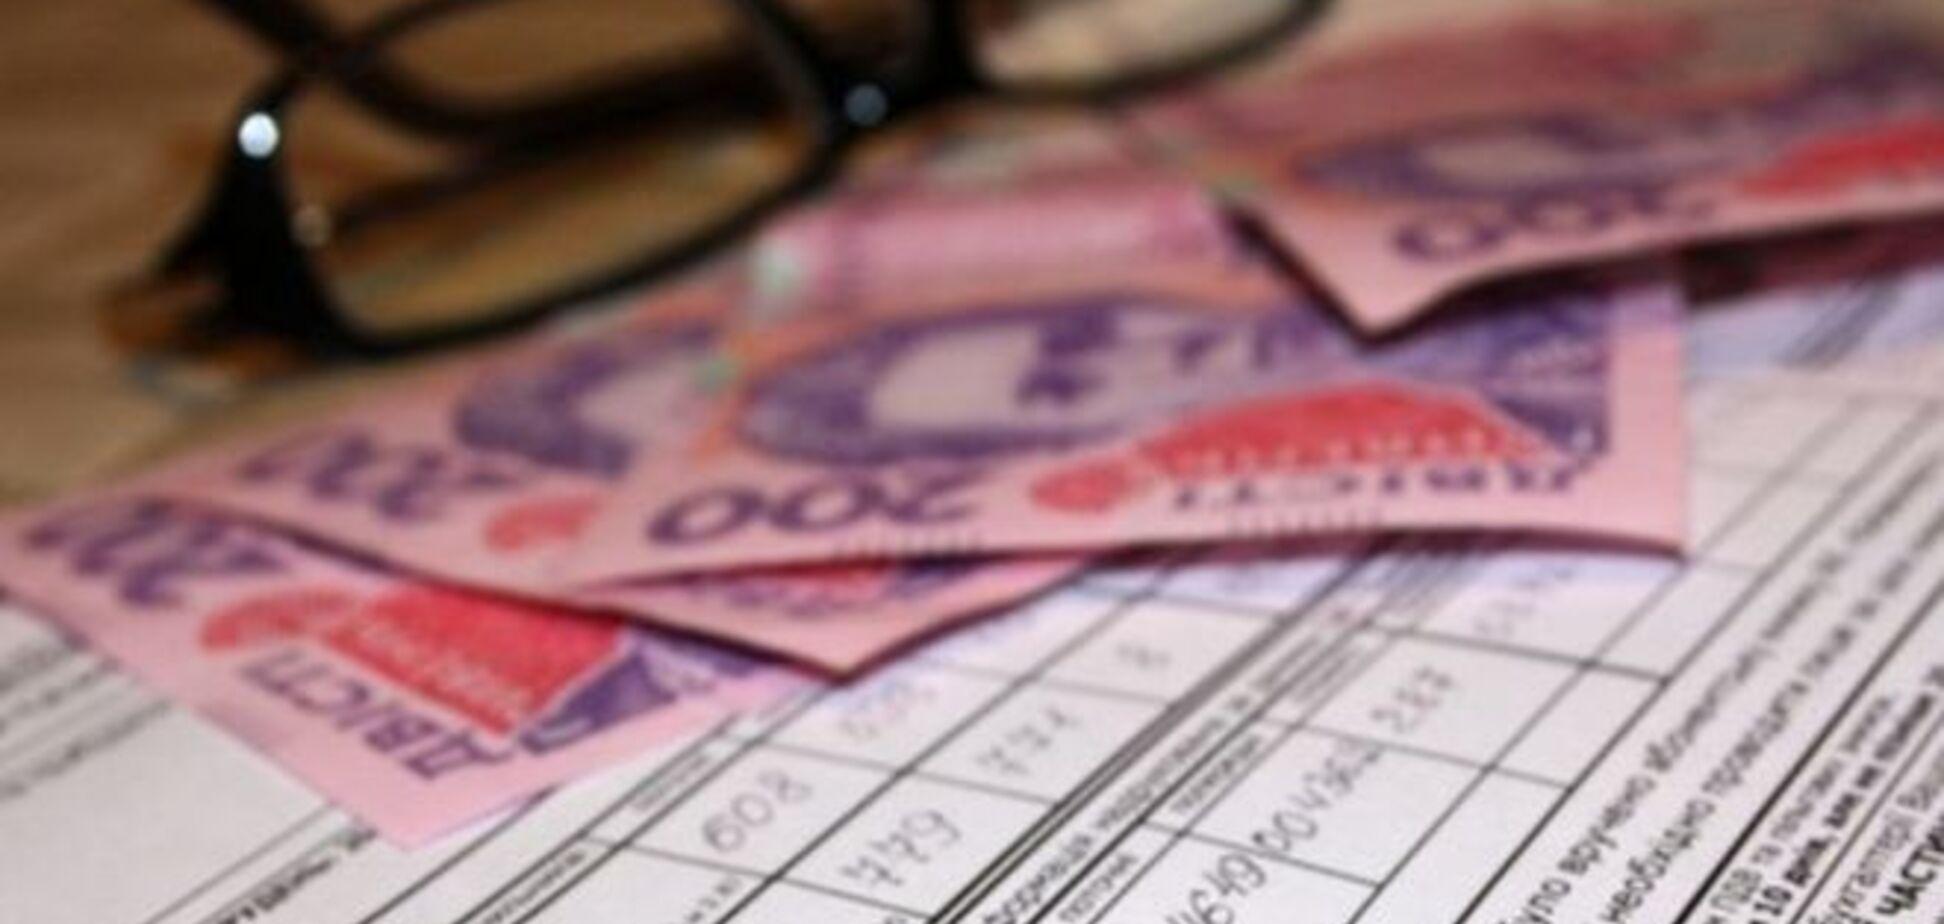 Субсидії по-новому. Що змінилося в оформленні допомоги на оплату комуналки?